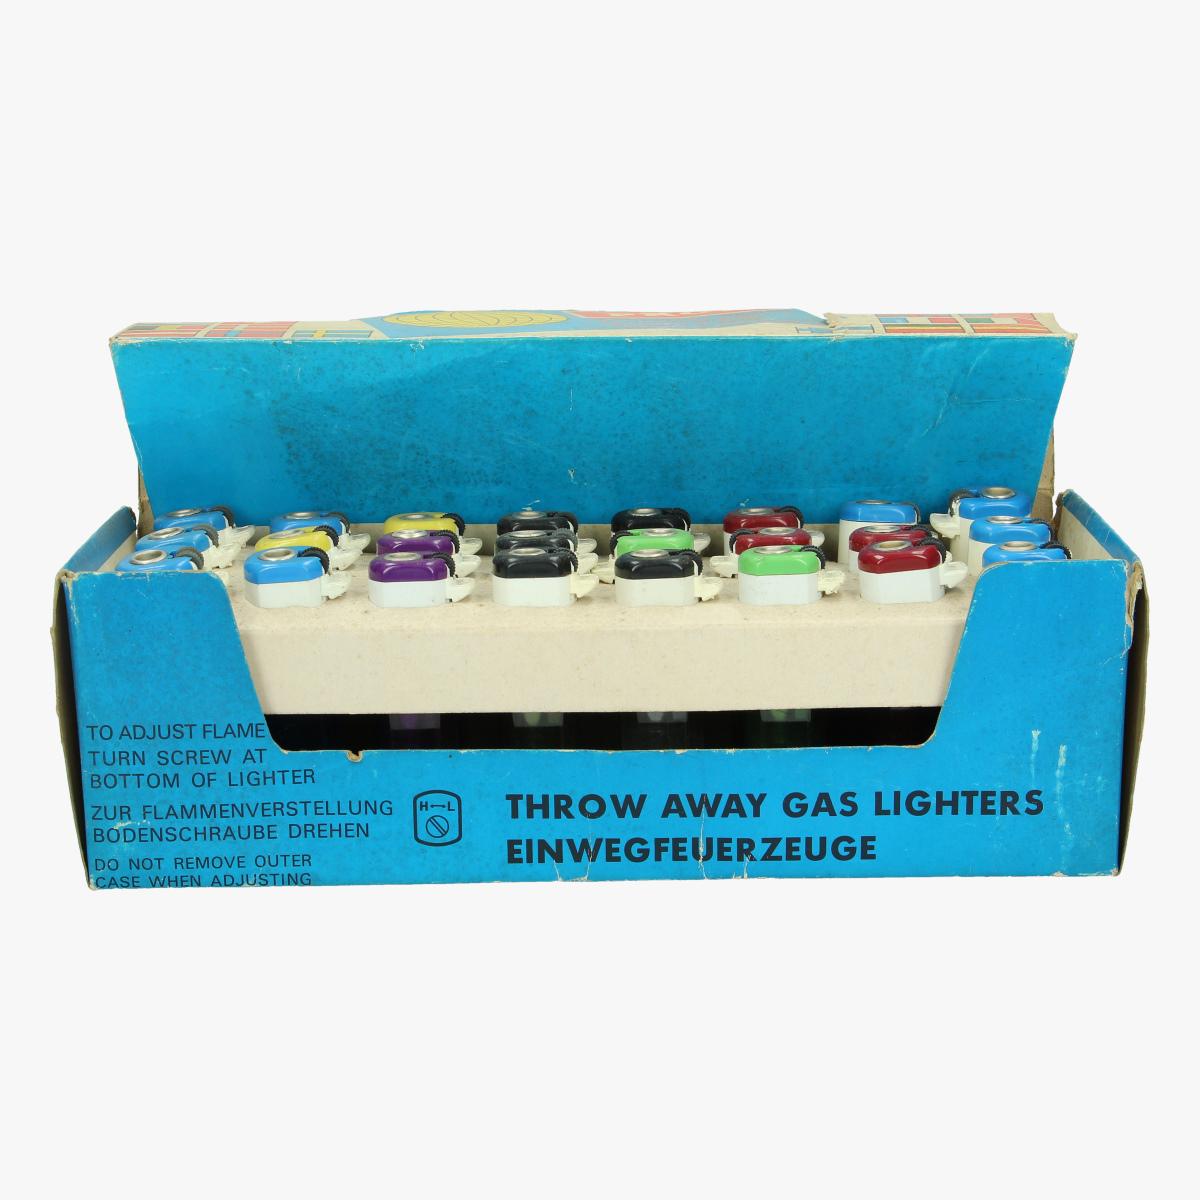 Afbeeldingen van oude aansteker prof throw-away lighters full box